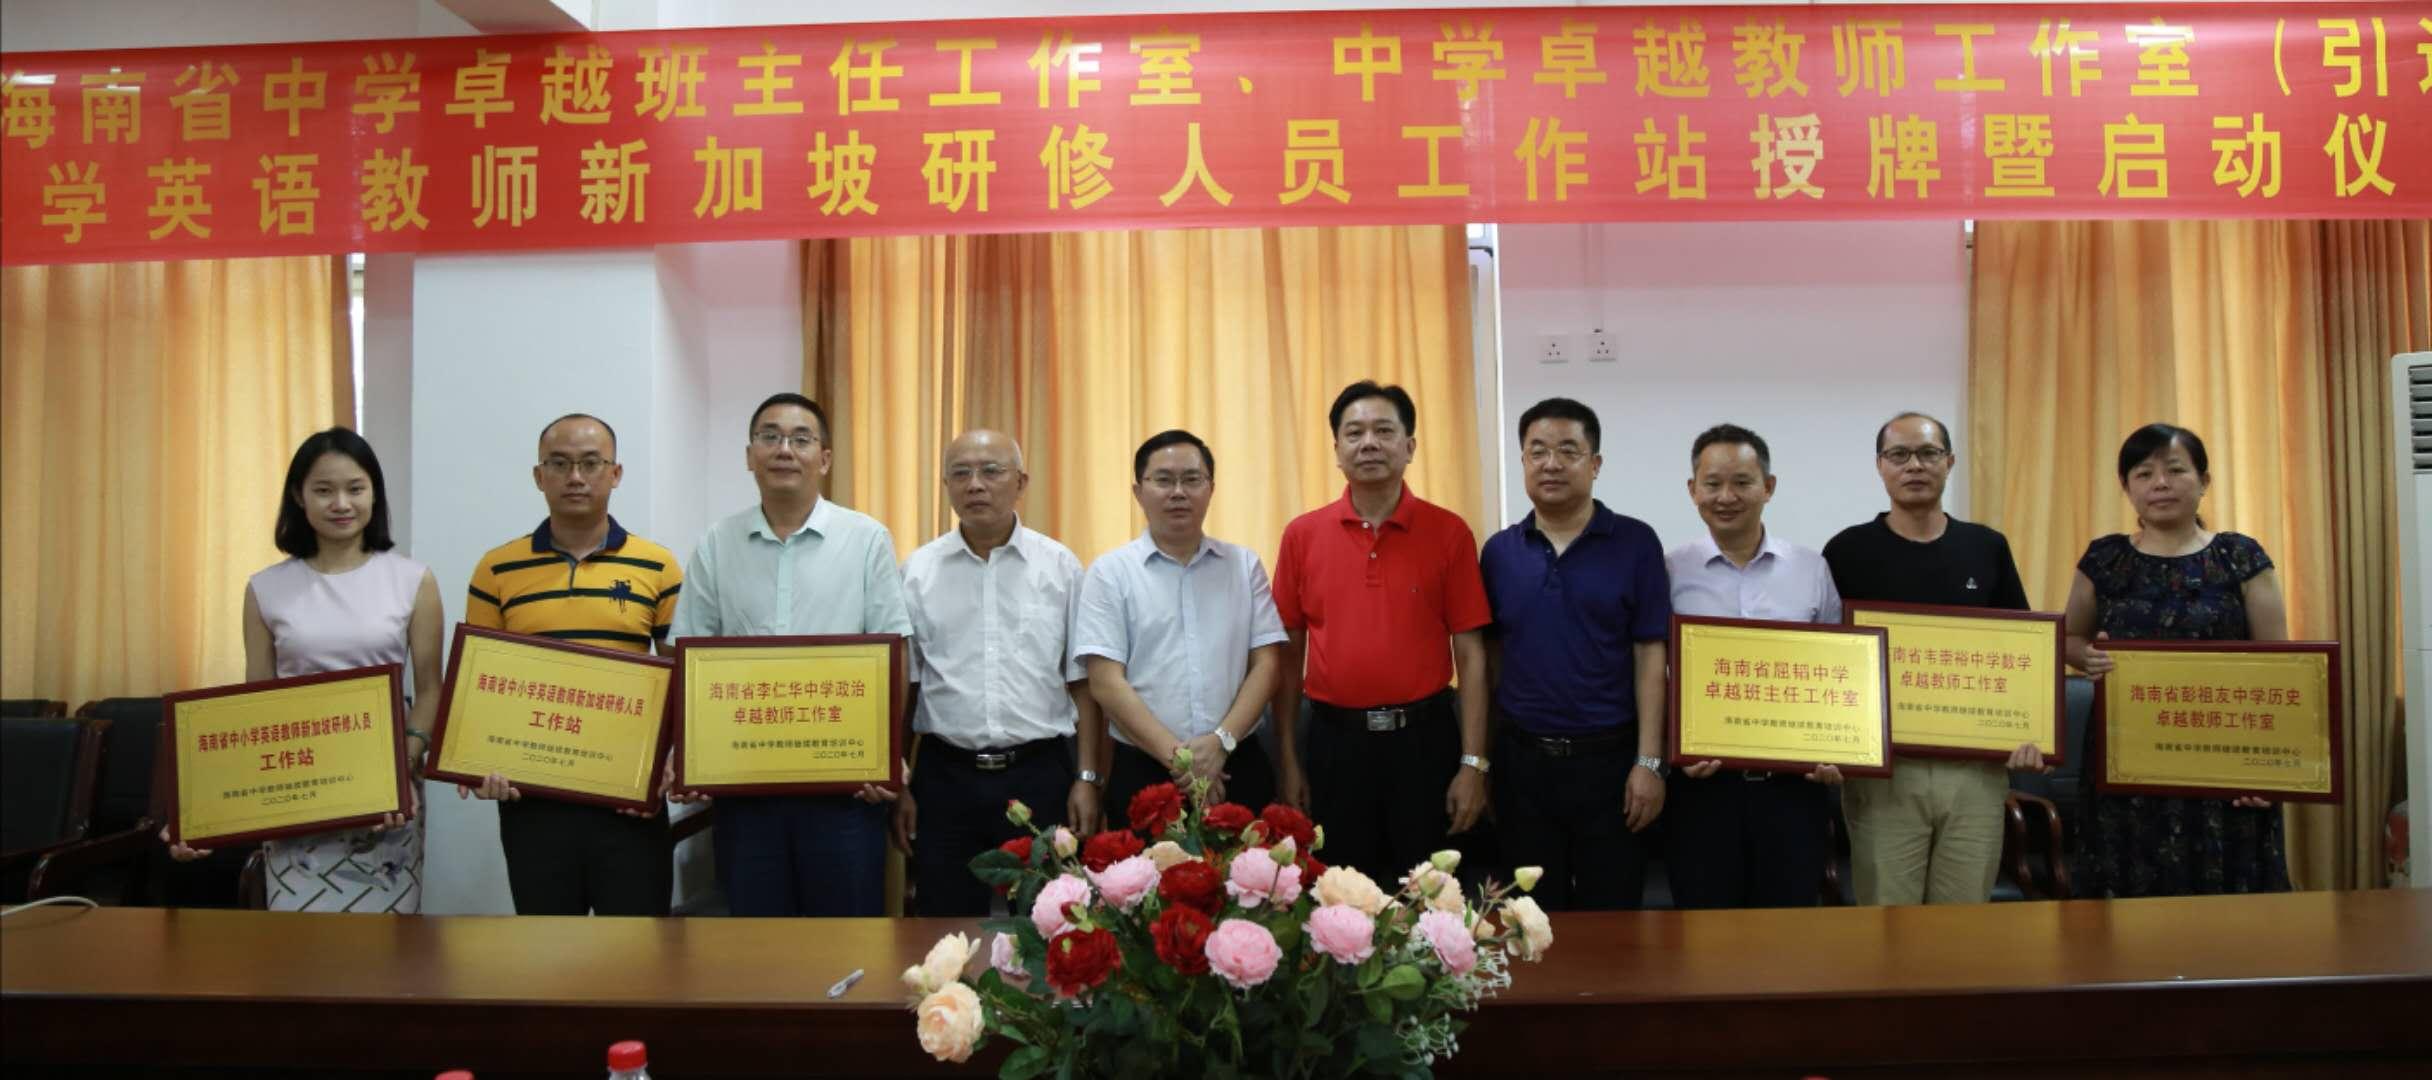 海南省中学卓越班主任、教师工作室、新加坡研修人员工作站授牌暨启动仪式在我校举行